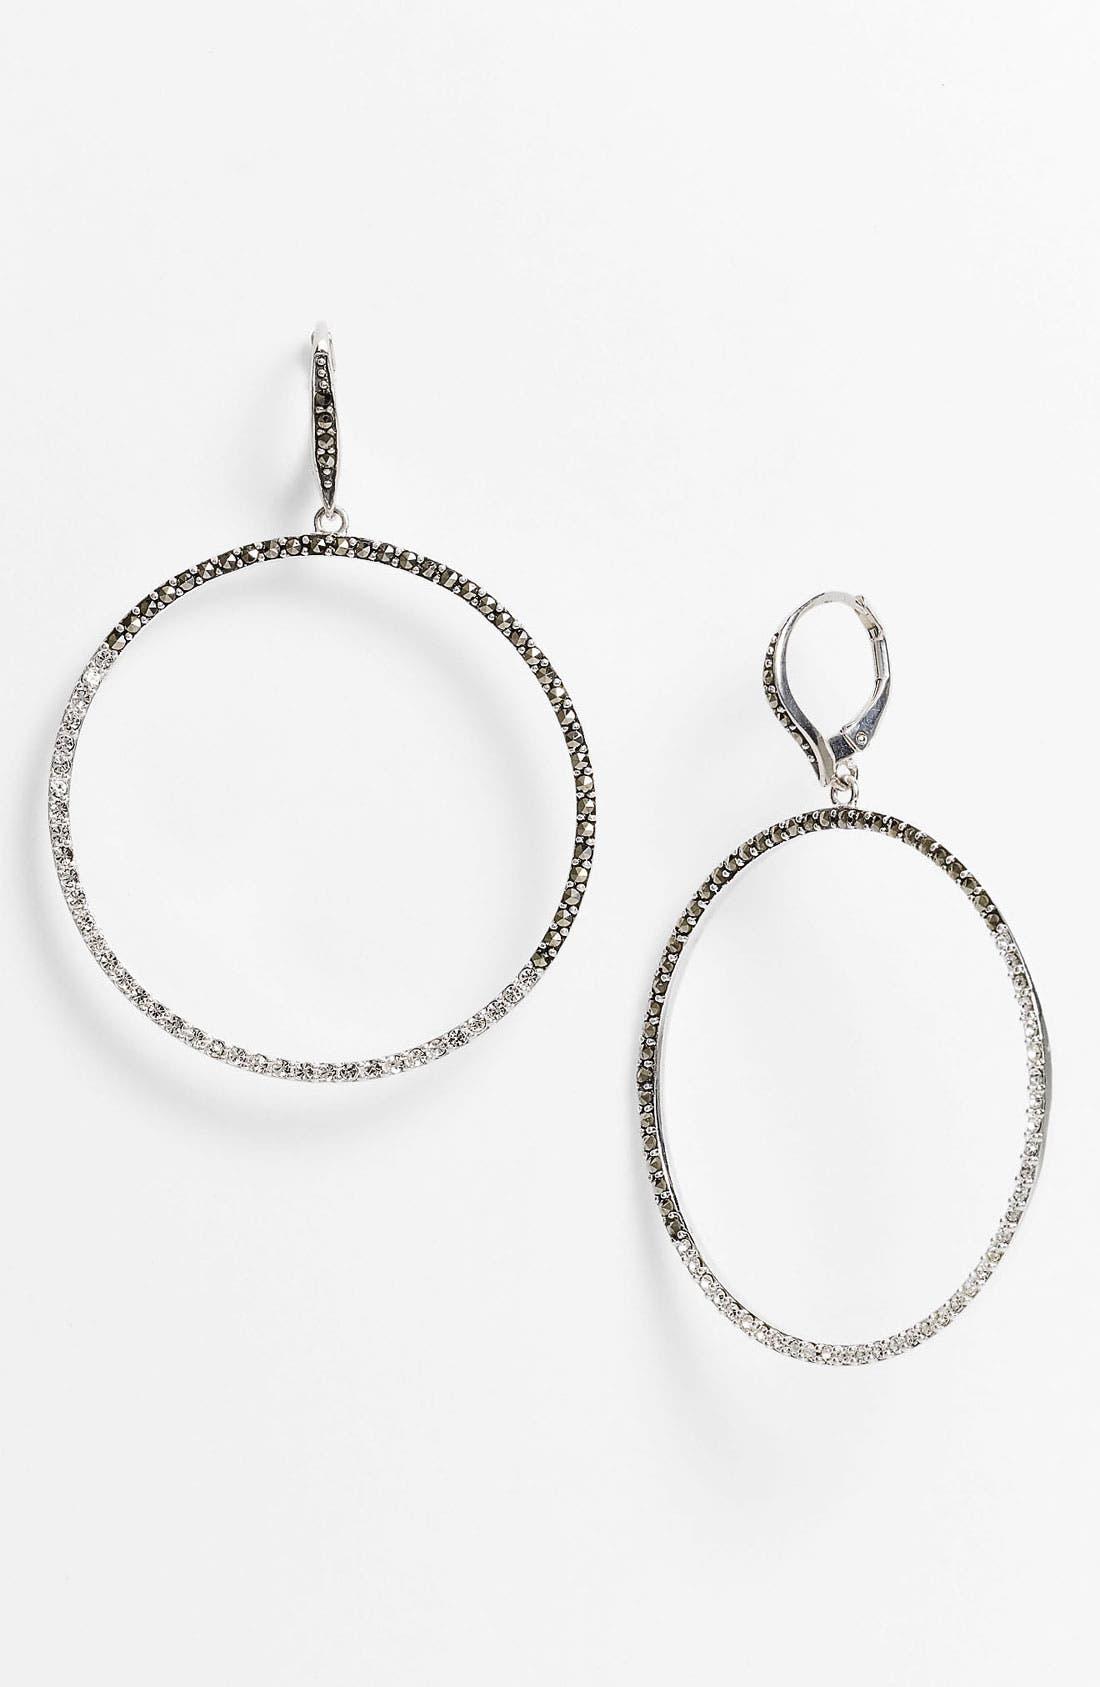 Alternate Image 1 Selected - Judith Jack 'Crystal Glitz' Frontal Hoop Earrings